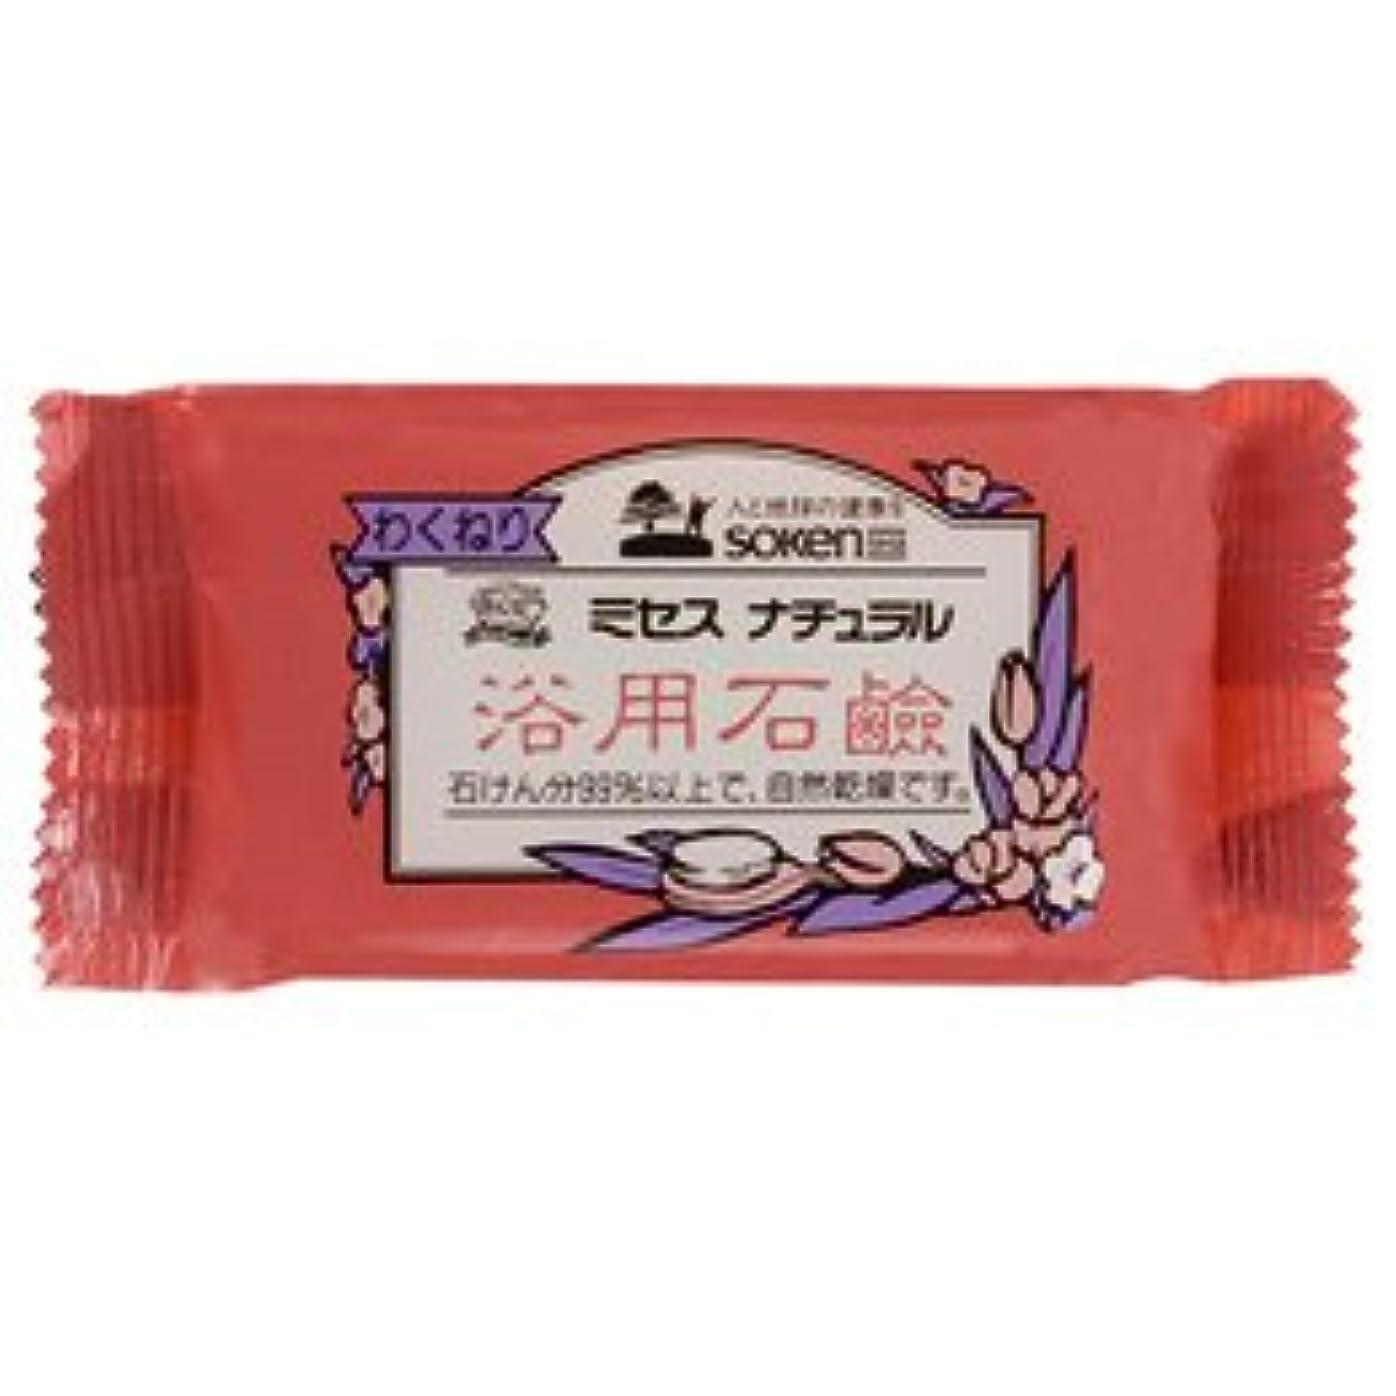 添加満足共感する創健社 ミセスナチュラル 浴用石鹸 110g ケース(120個入)